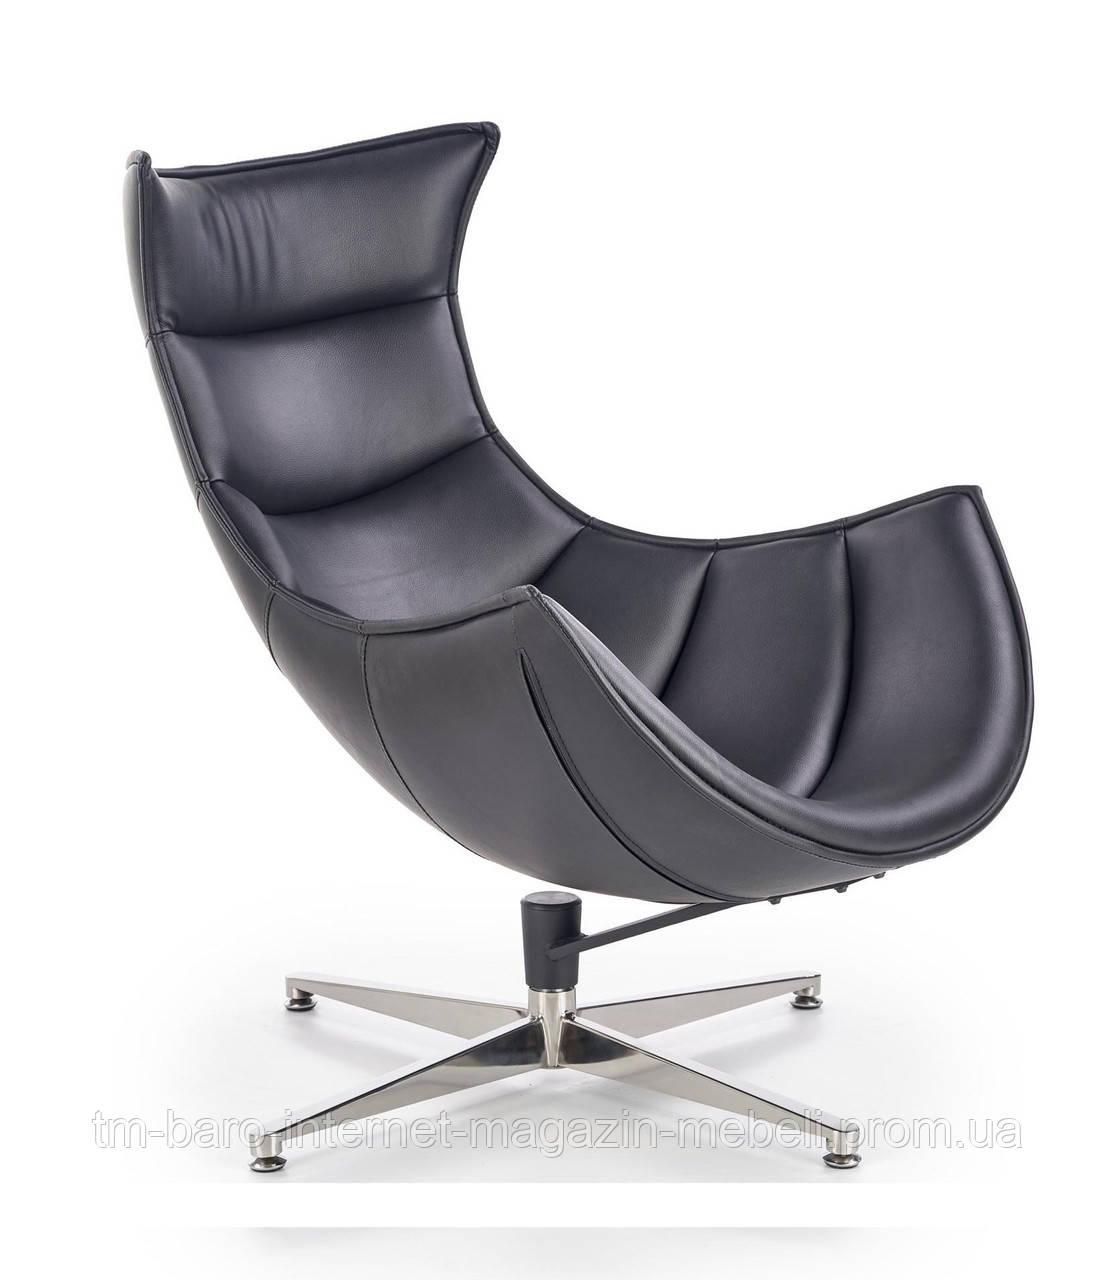 Кресло Luxor (Люксор) черный, Halmar